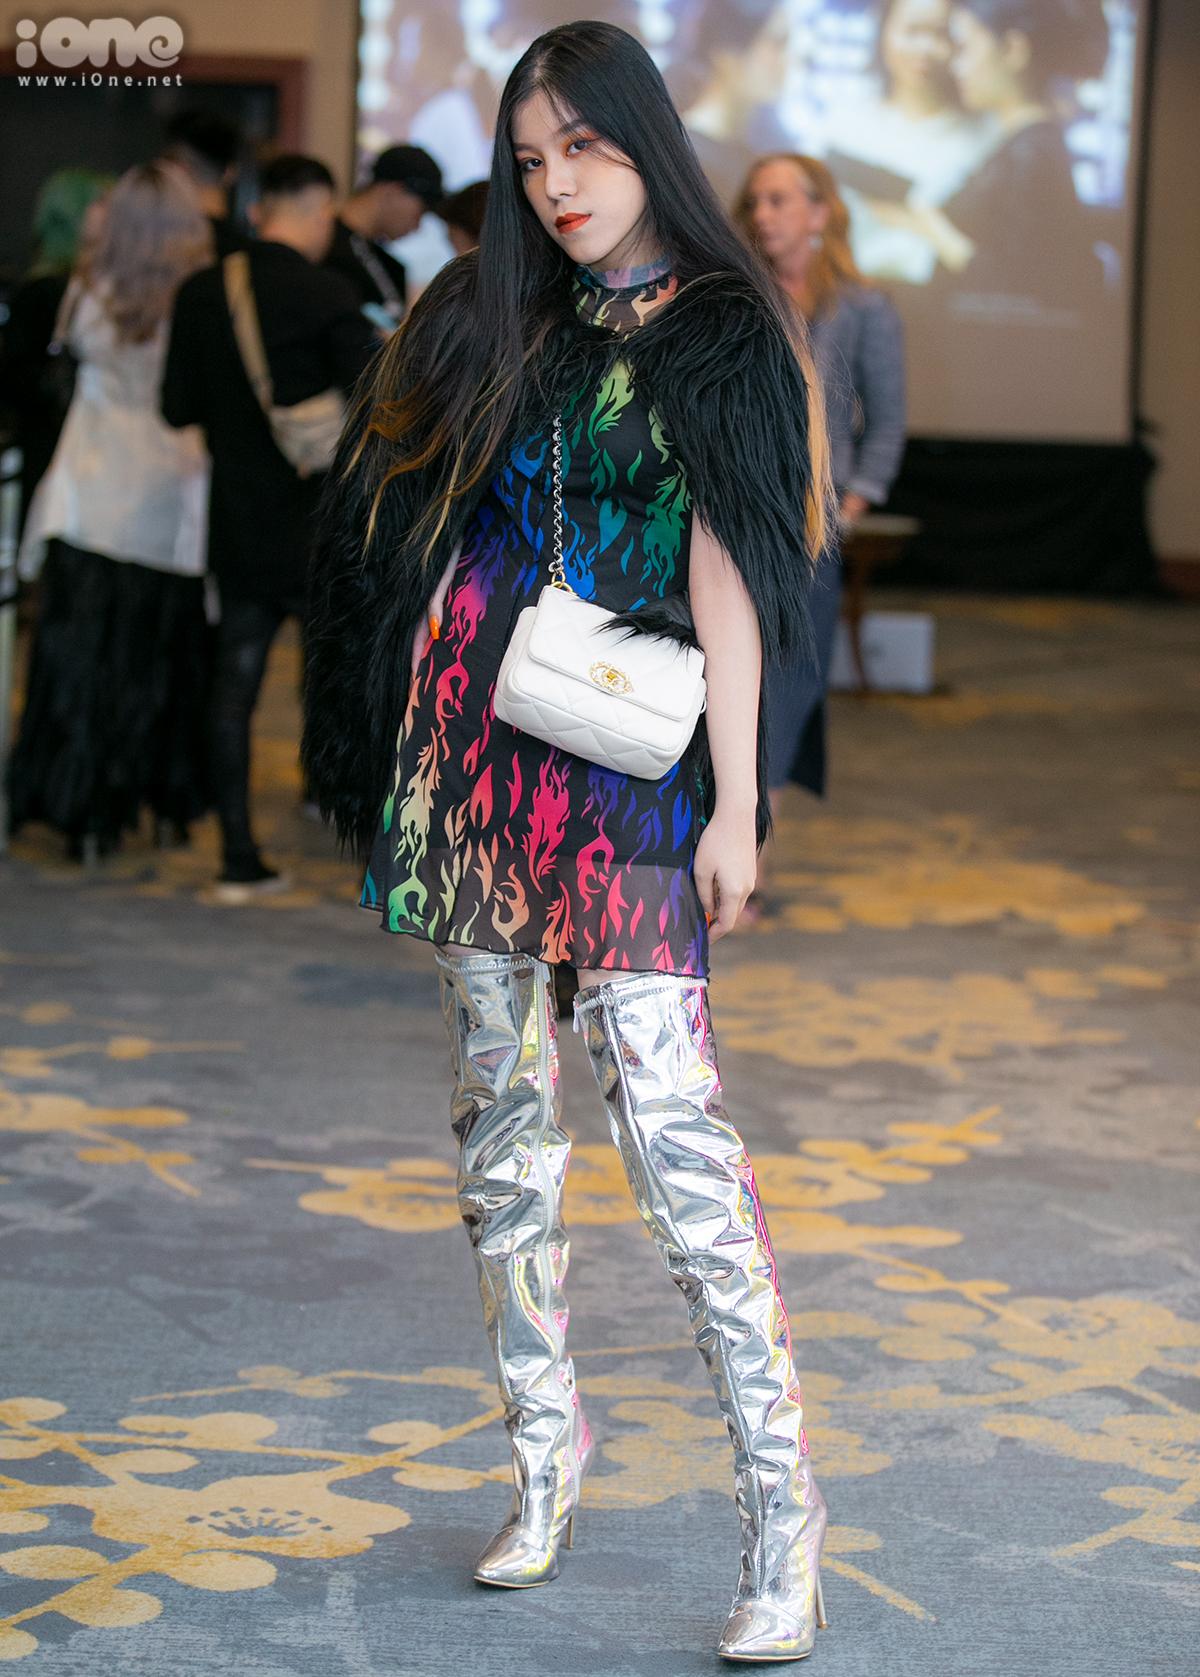 Tố Linh chẳng ngại mặc áo lông thời trang bất chấp thời tiết. Cô bạn còn mix cùng boots metallic sáng lóa chất chơi.